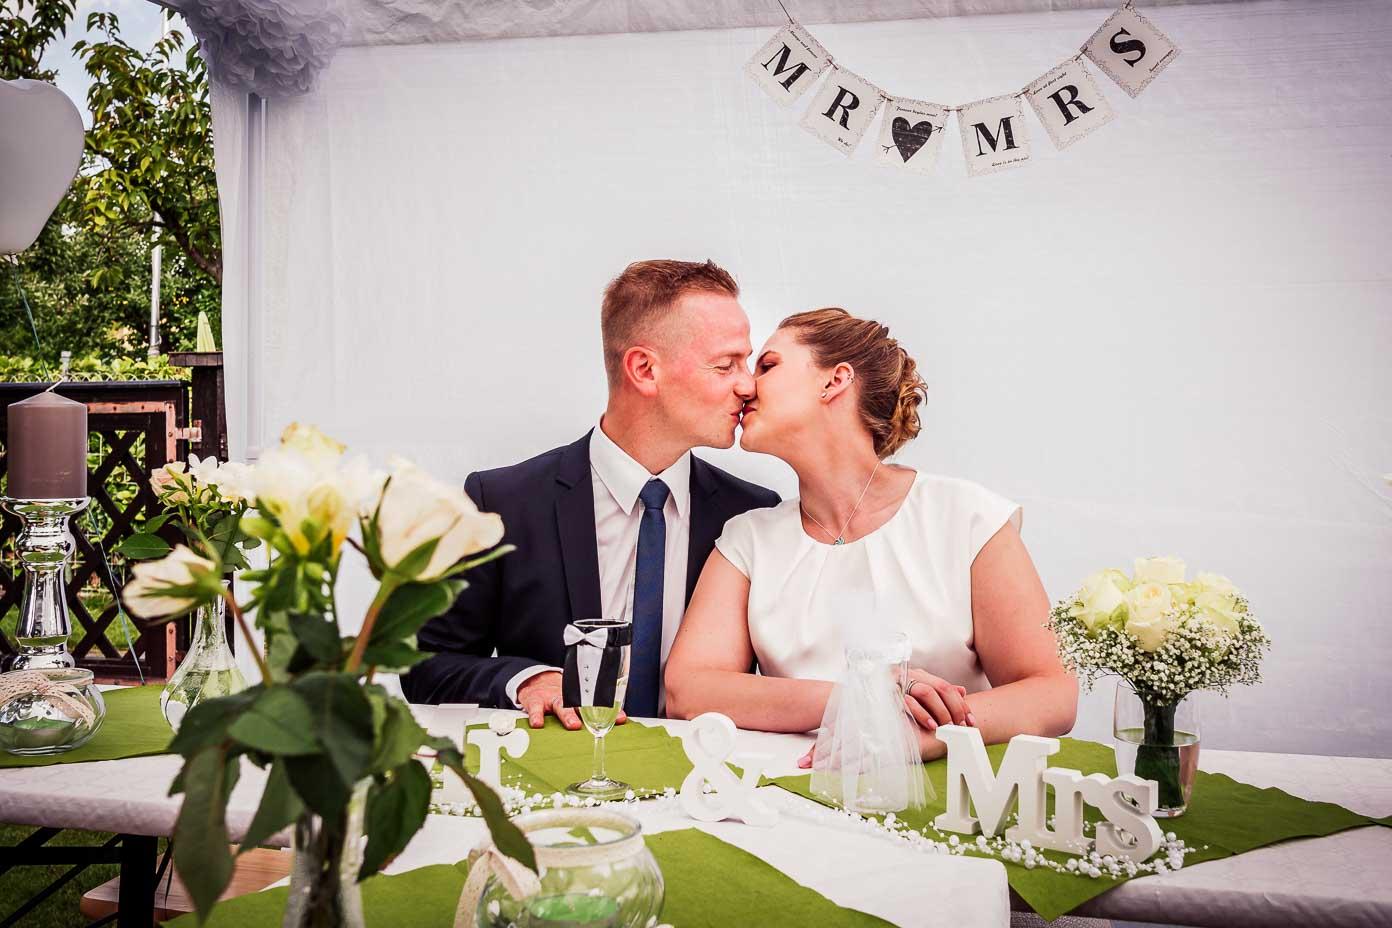 Das Brautpaar küsst sich bei der Gartenparty